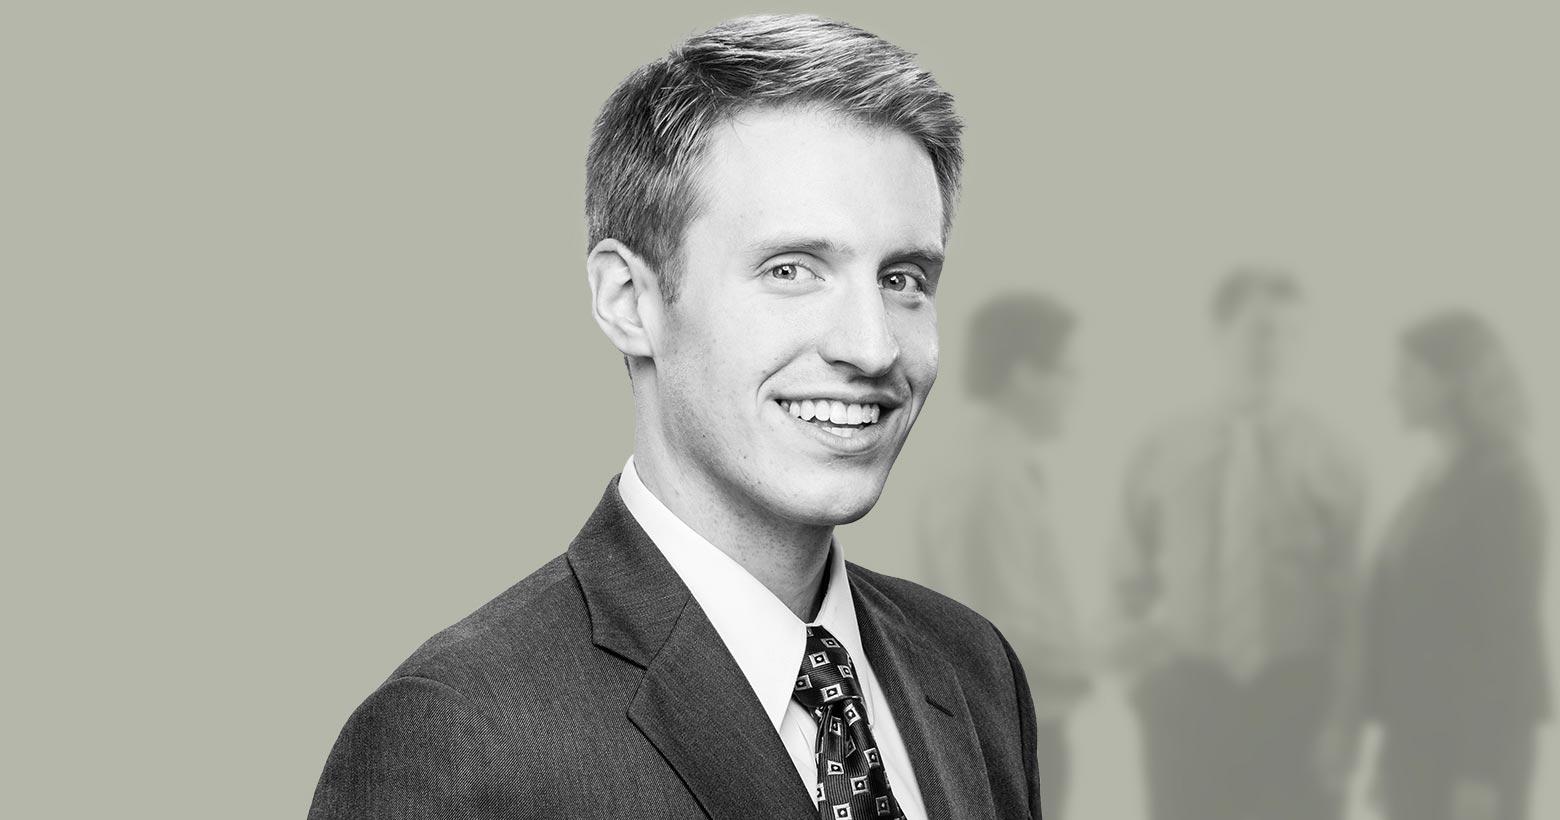 Matthew T. Farrell